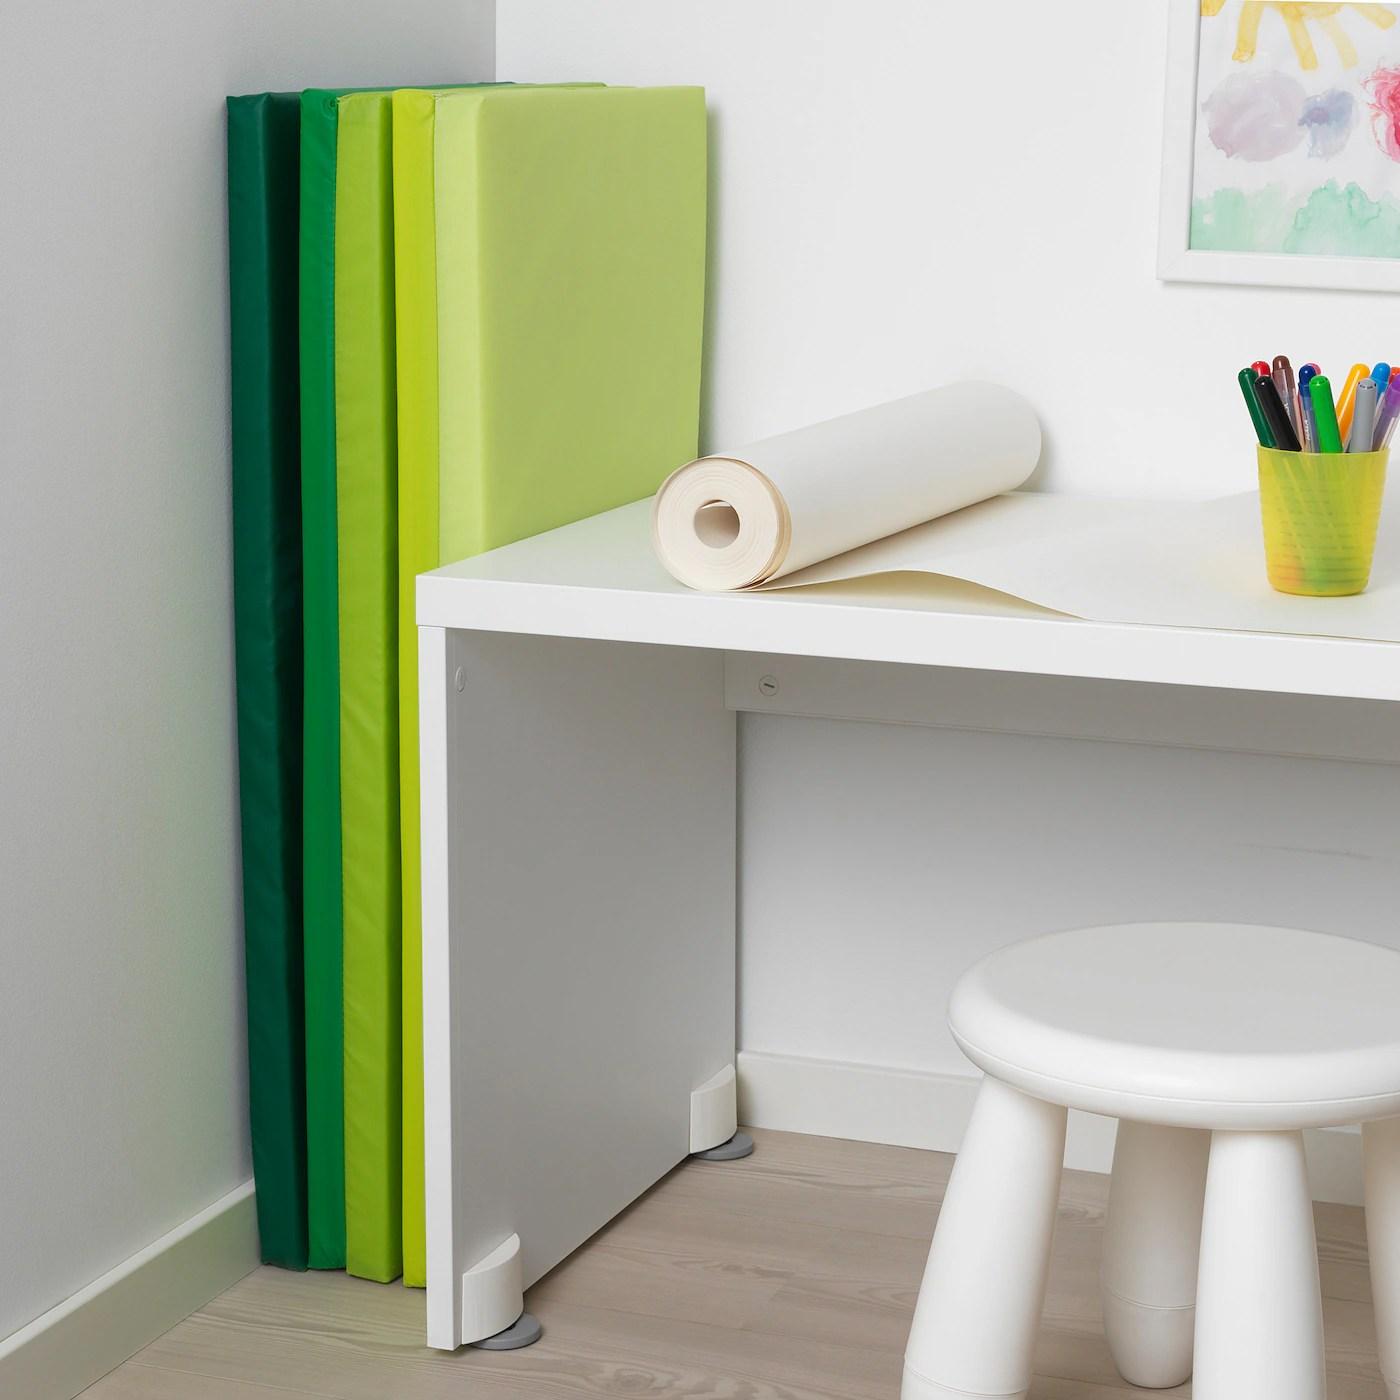 plufsig tapis de gymnastique pliant vert 78x185 cm